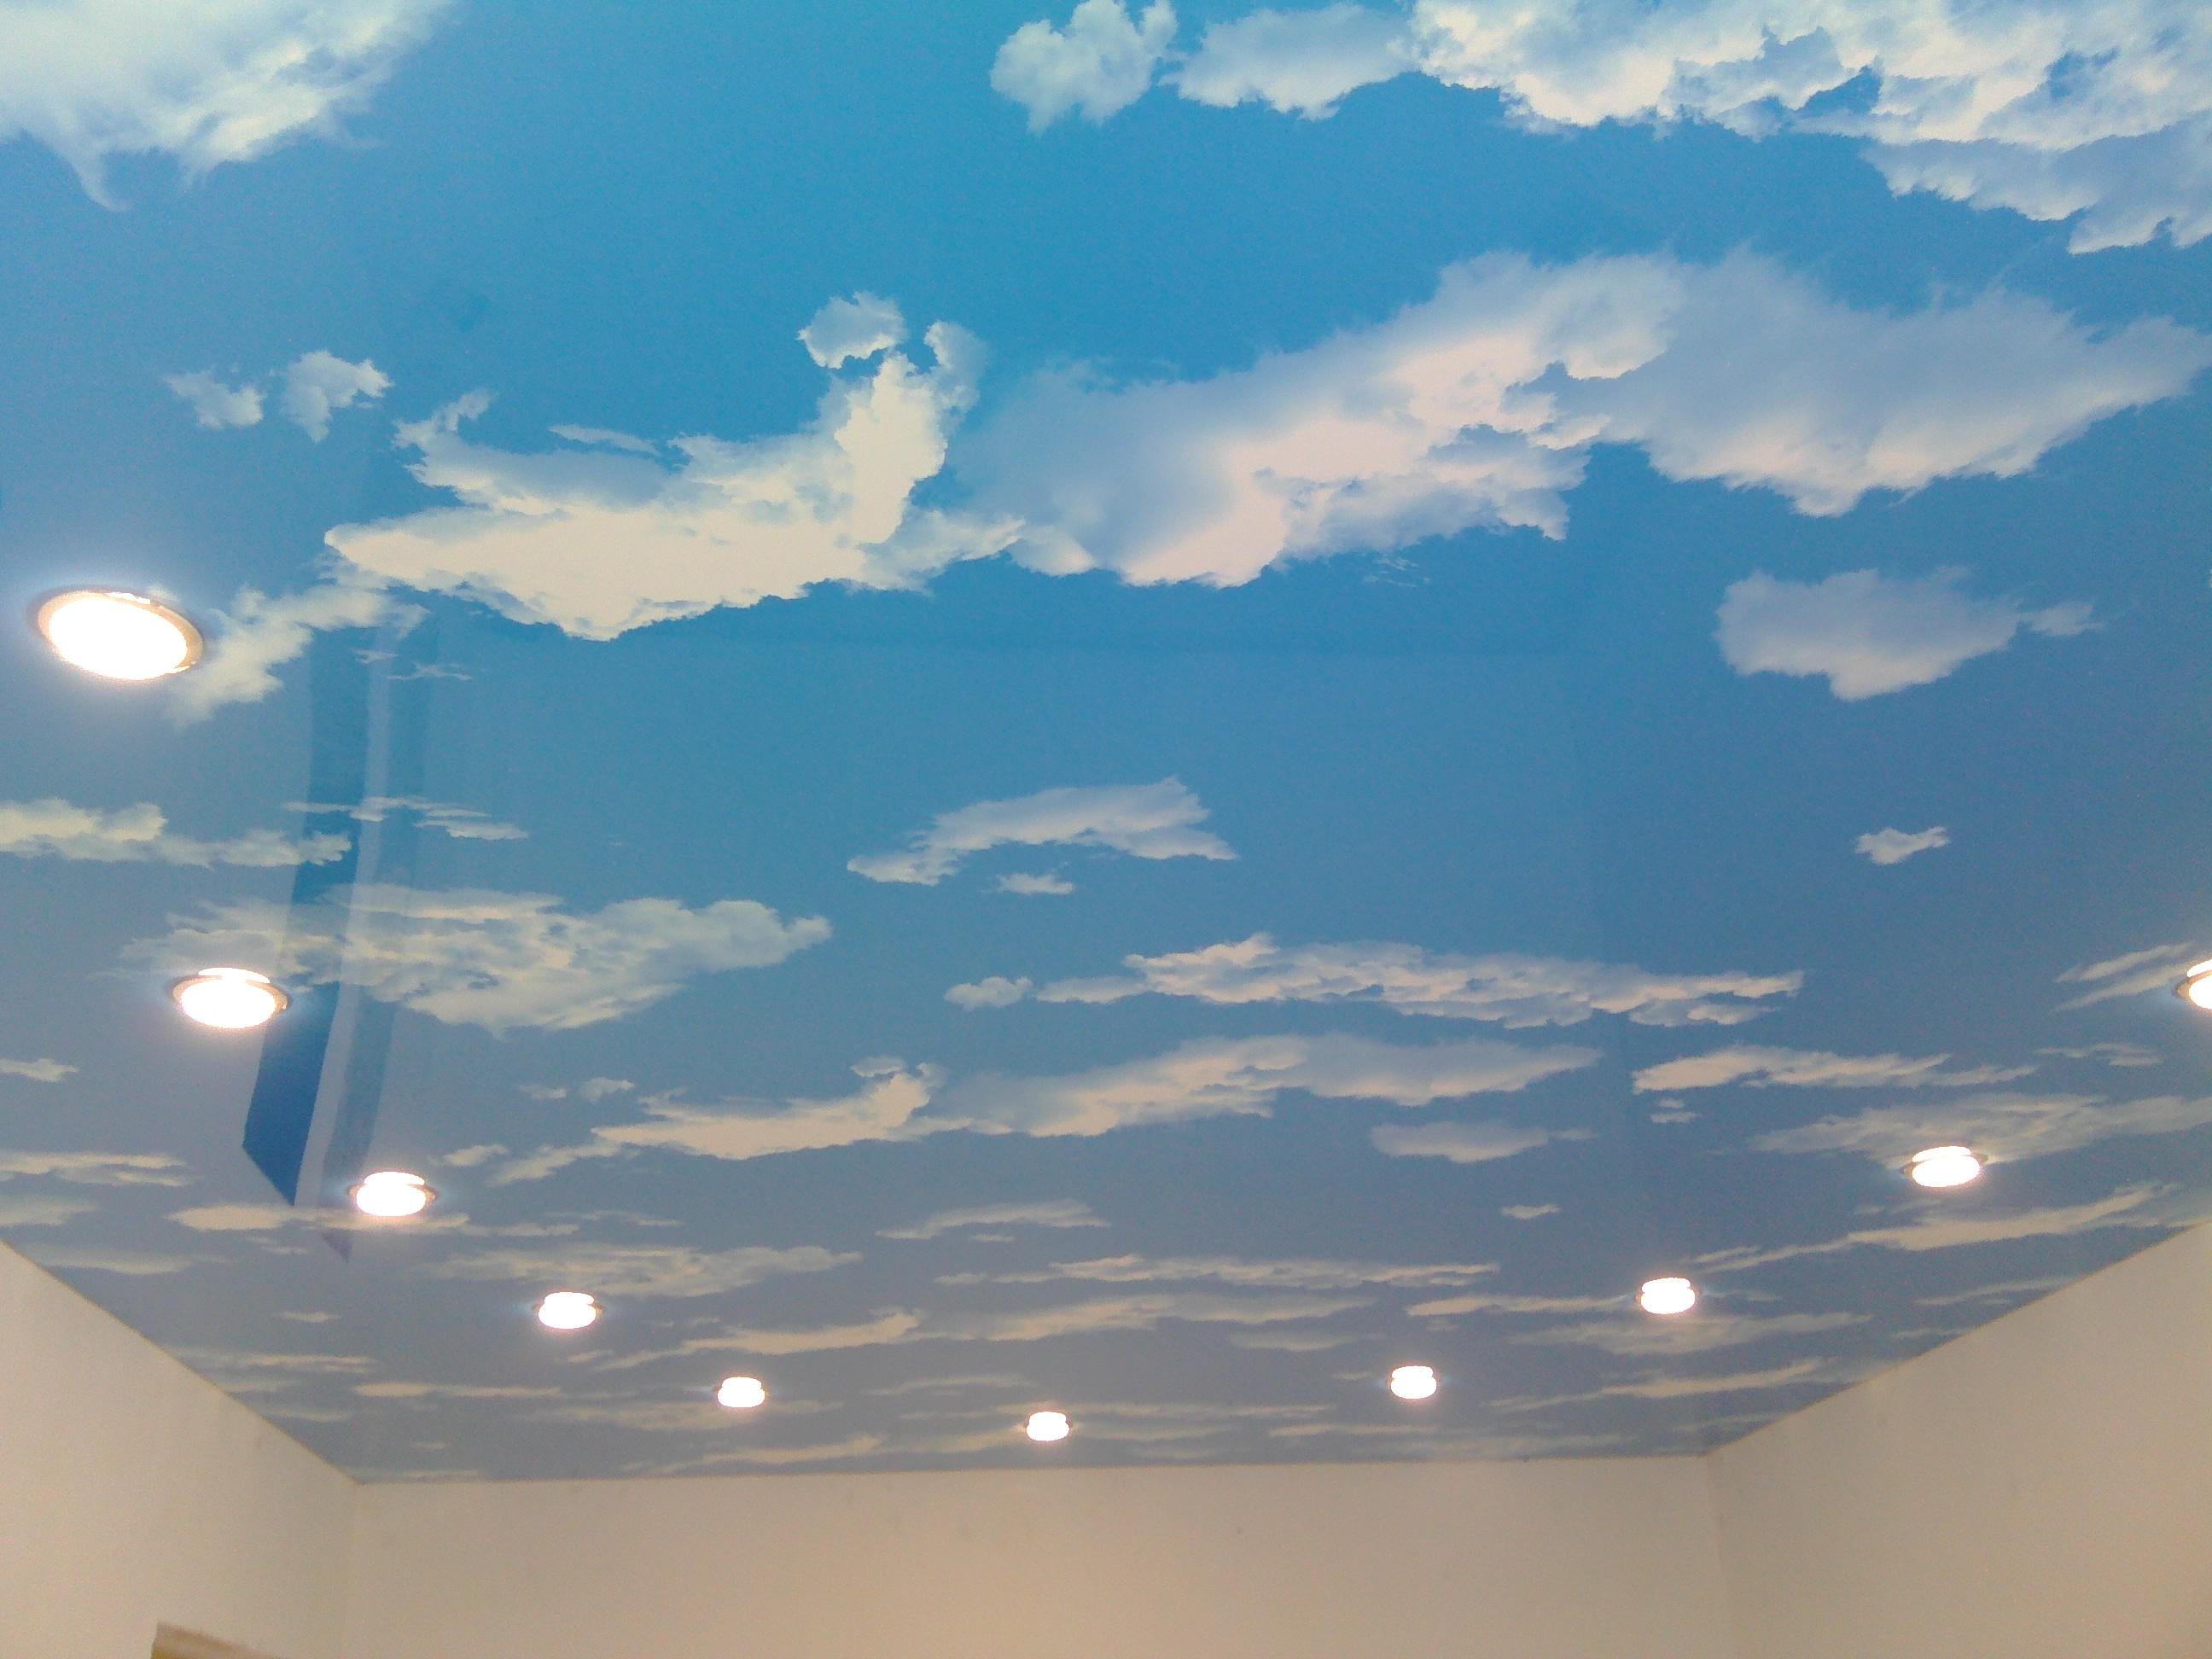 достаточно неприхотливы, натяжные потолки фотопечать облака однокомнатную квартиру екатеринбурге